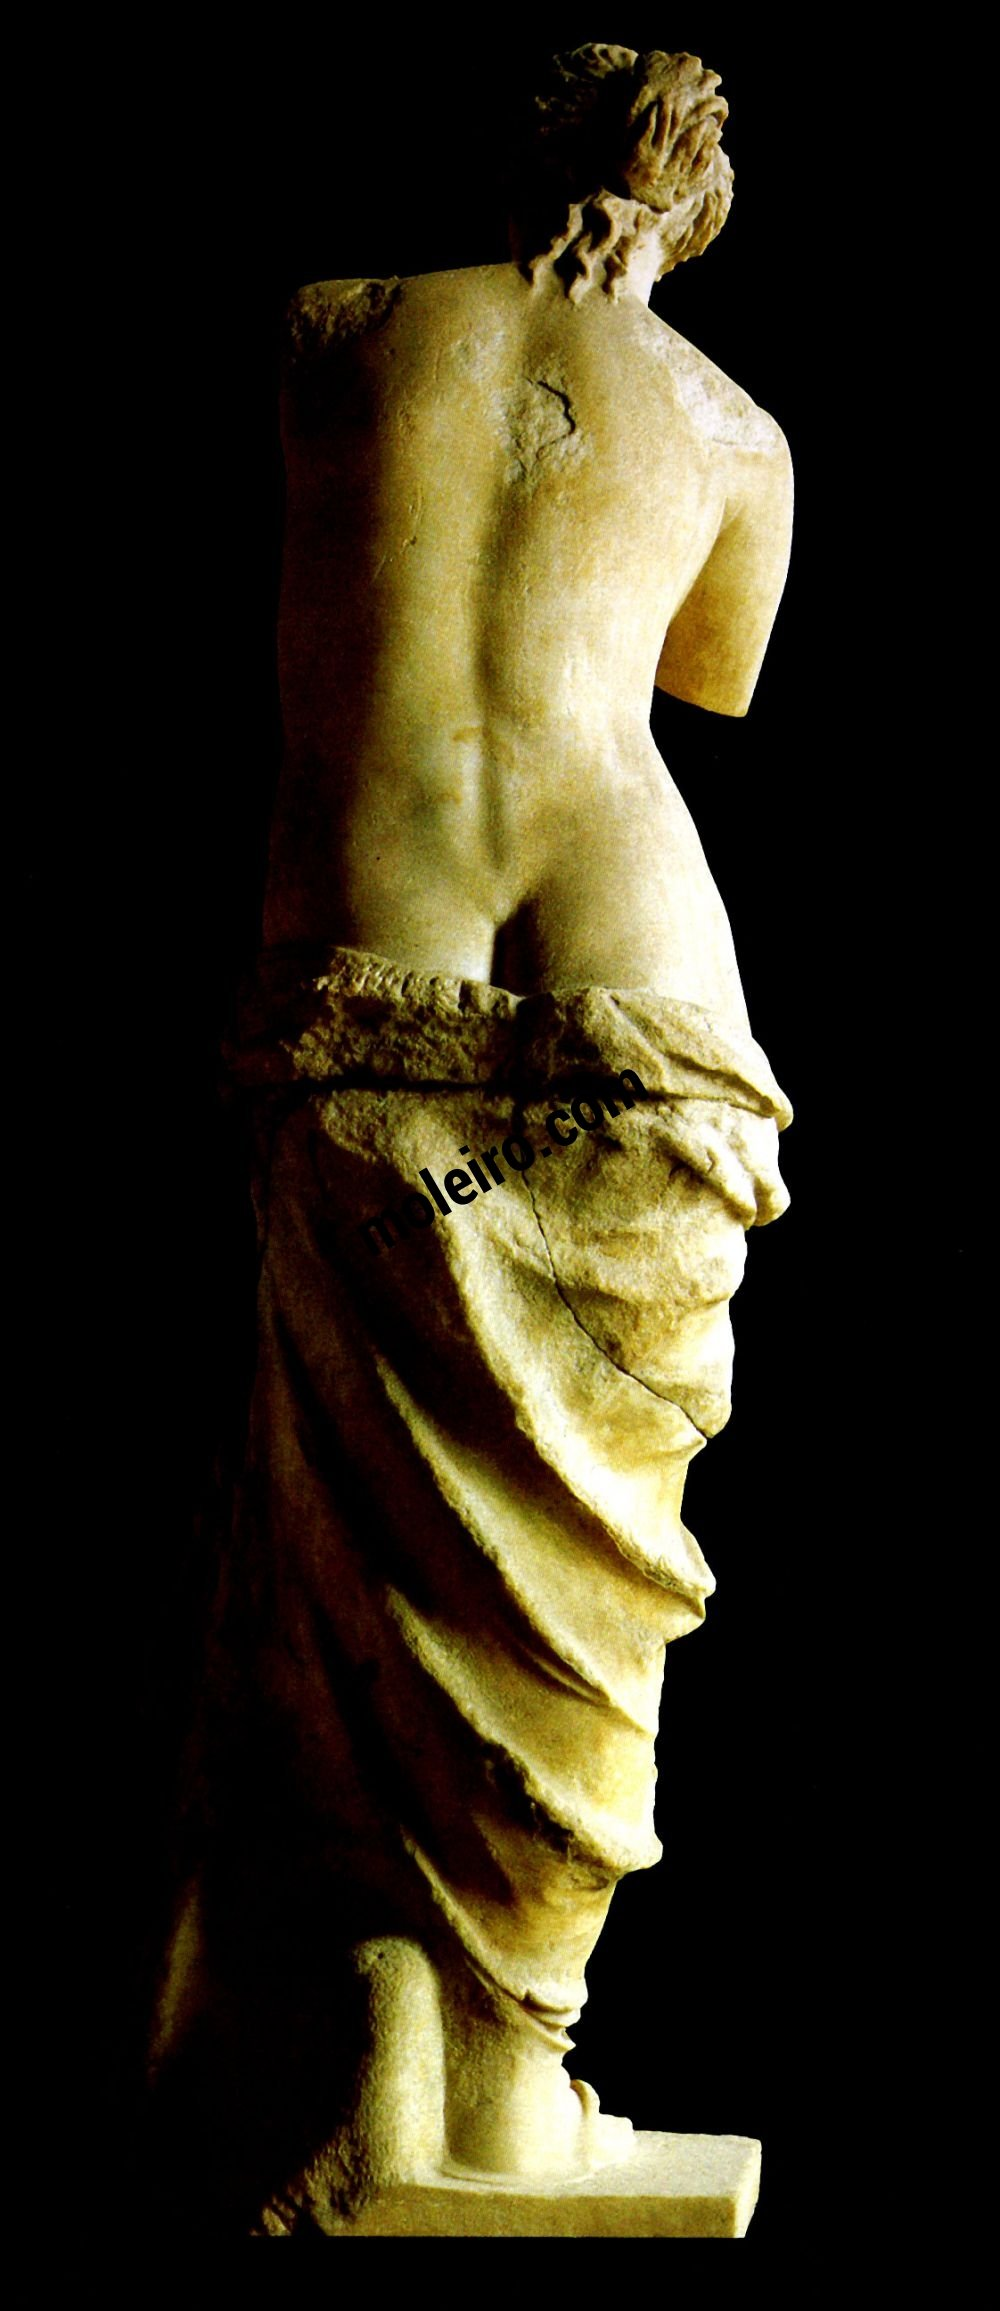 Mujeres. Mitologías Afrodite, detta Venere di Milo, arte ellenica, circa 100 a.C.